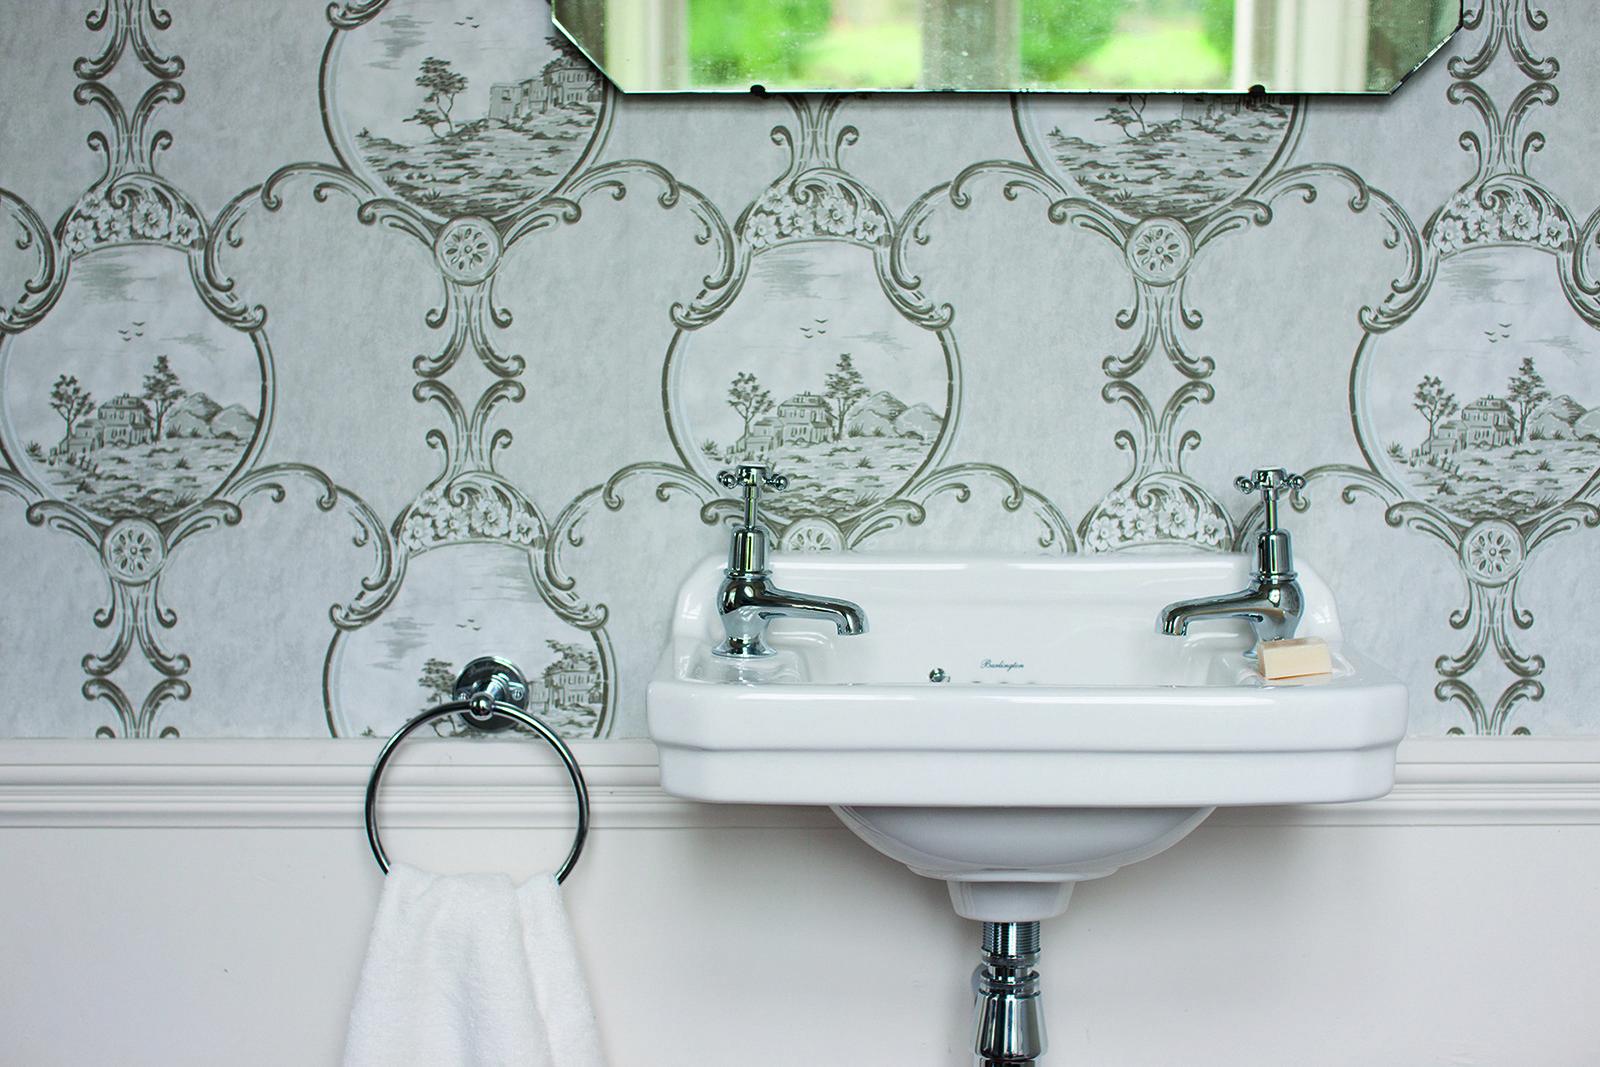 una ristrutturazione loccasione per dare un nuovo look al bagno utilizzando rivestimenti sanitari rubinetteria e arredo bagno di tendenza dal gusto